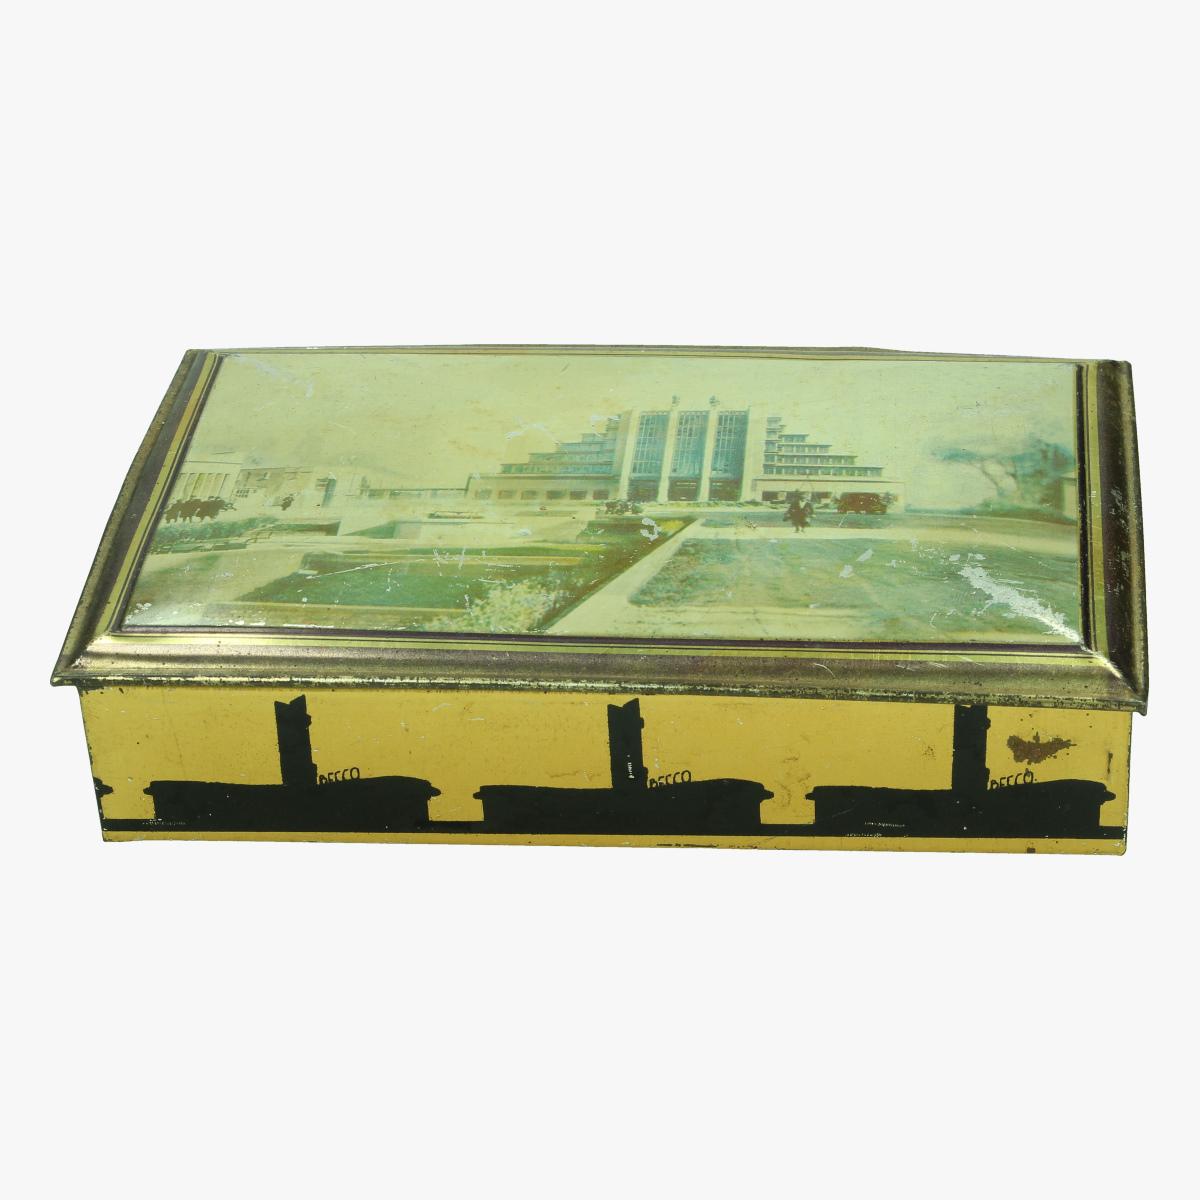 Afbeeldingen van expo 58 blikken doos confiserie becco namur